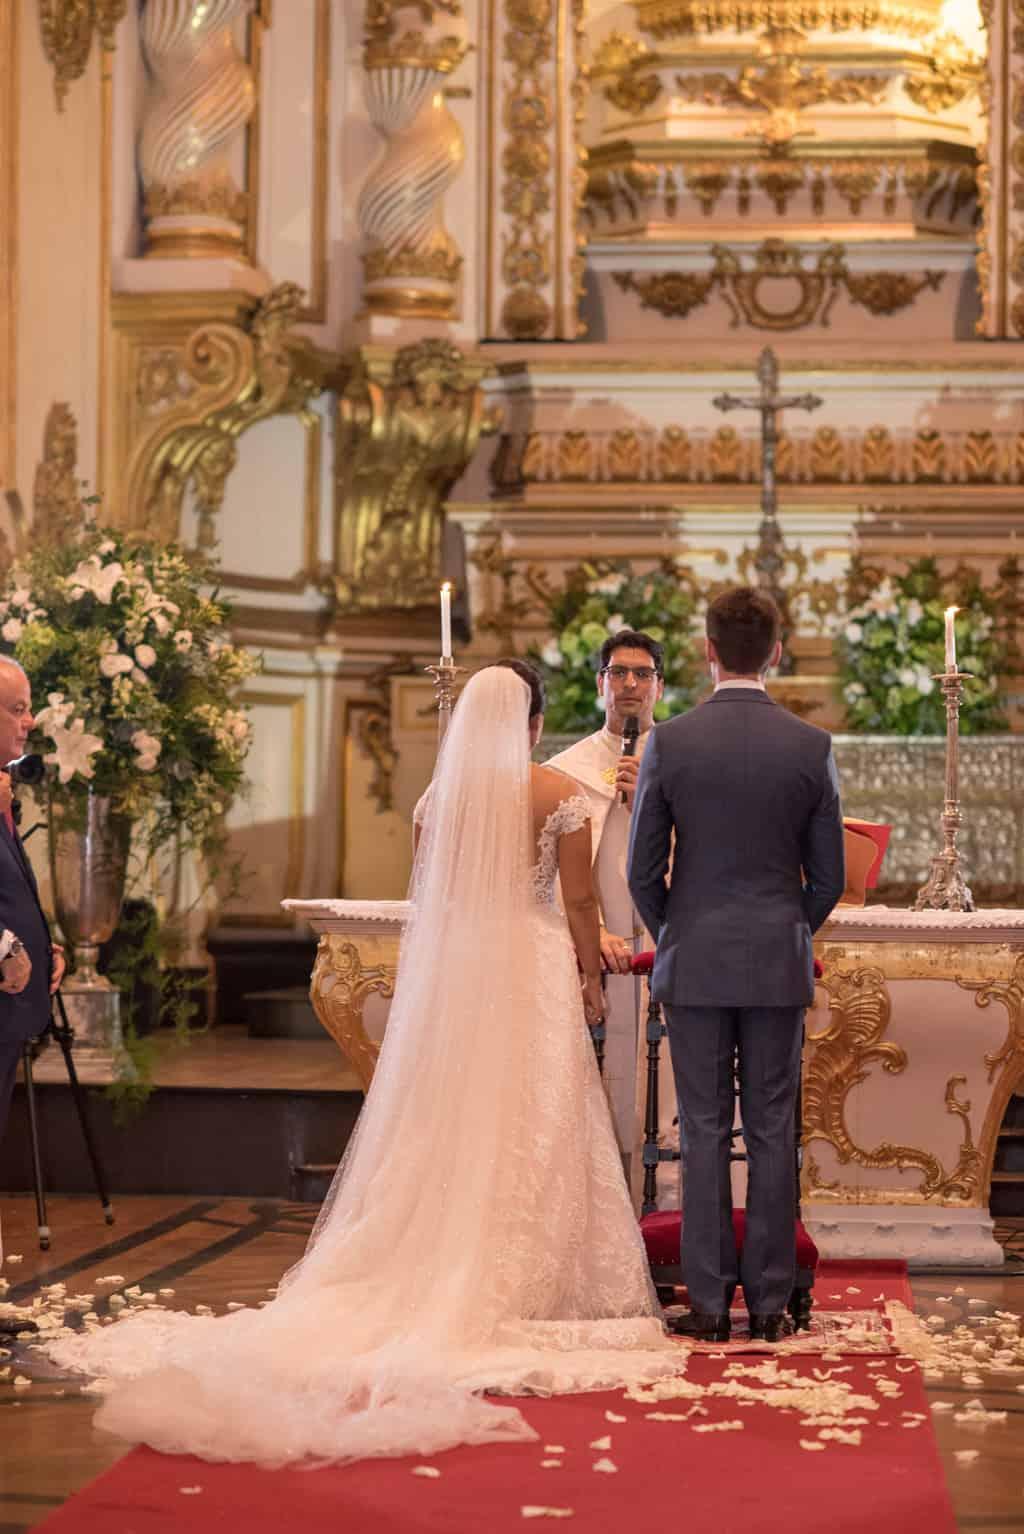 casamenot-Carolina-e-Thiago-casamento-clássico-Rio-de-Janeiro-Fotografia-Marina-Fava36